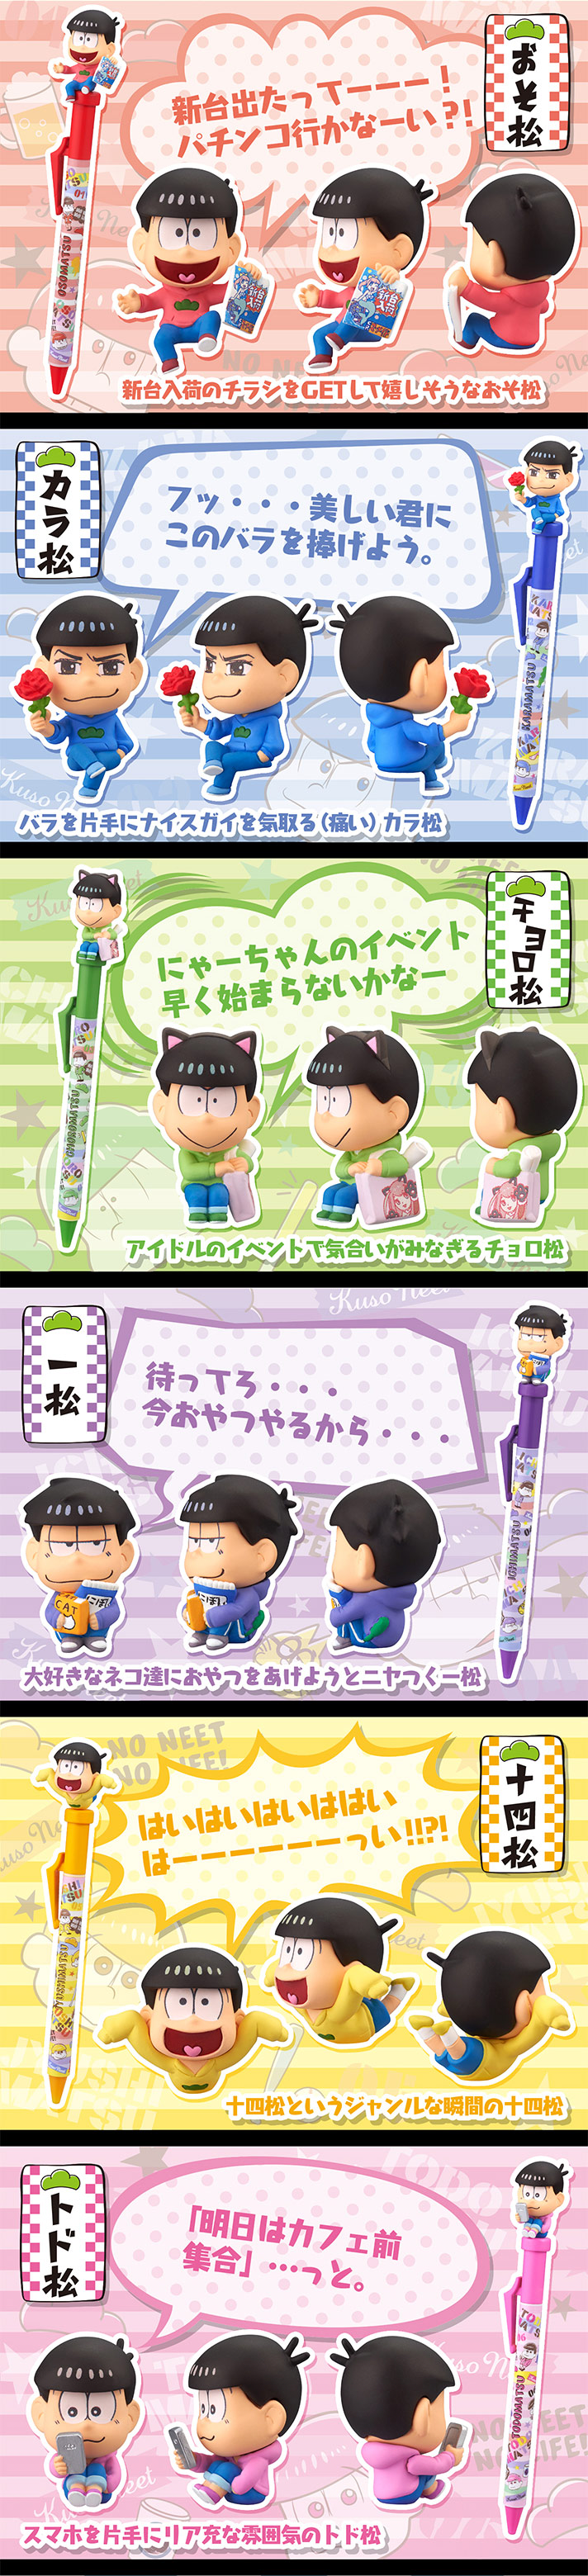 おそ松さん ペンの上のニートな6つ子 コンプニートセット【プレミアムバンダイ限定】